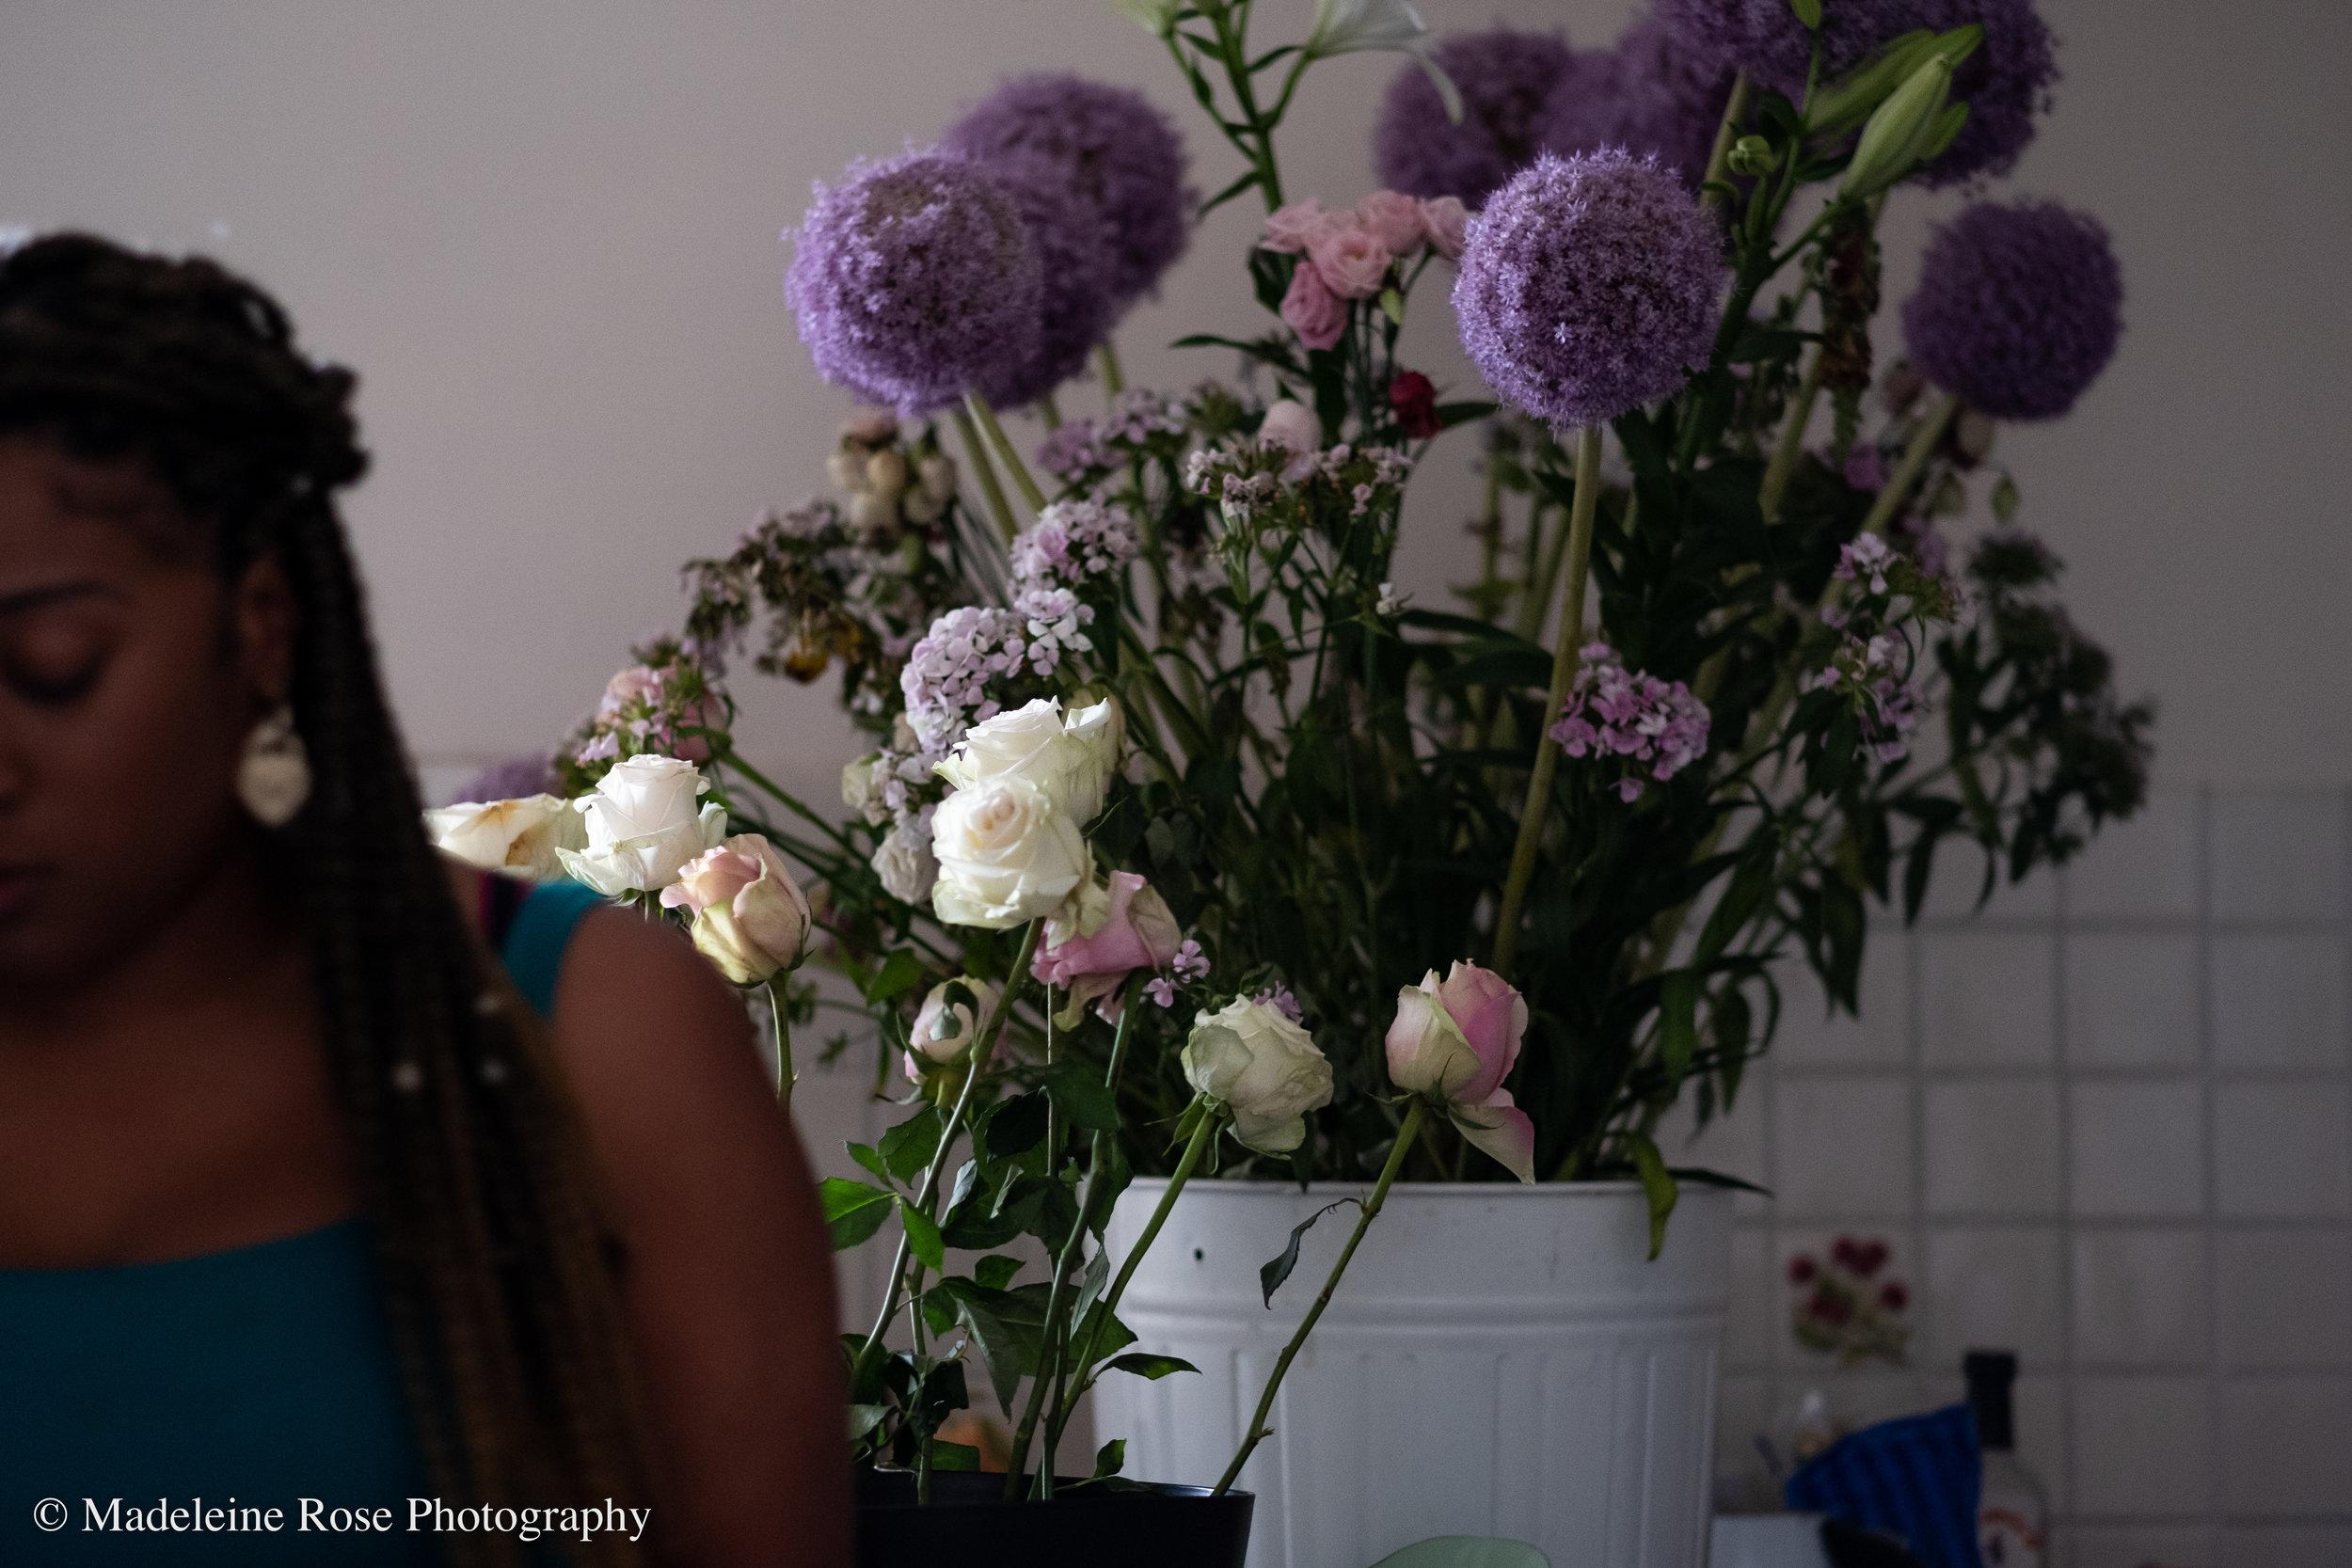 180811_EF_funeralflowers-13.jpg